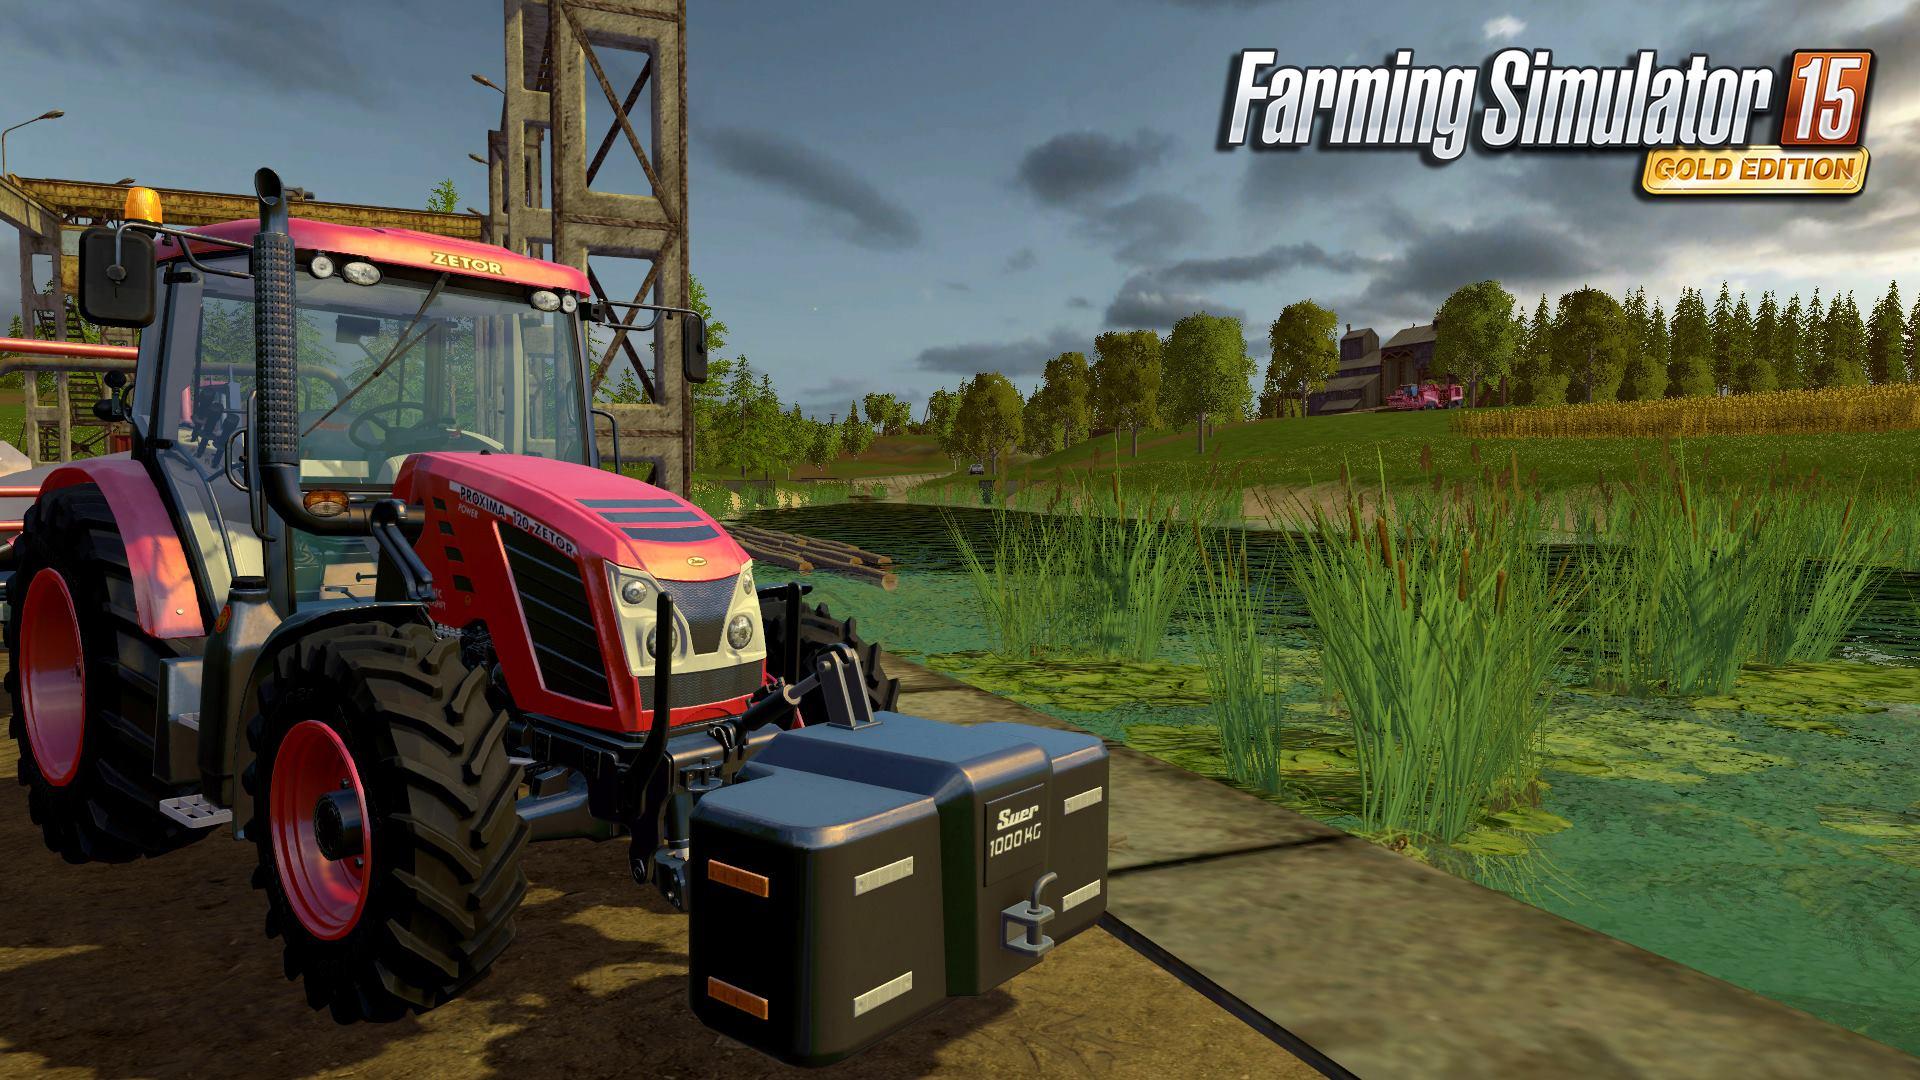 Čtyři obrázky z Farming Simulatoru 15 GOLD 114729